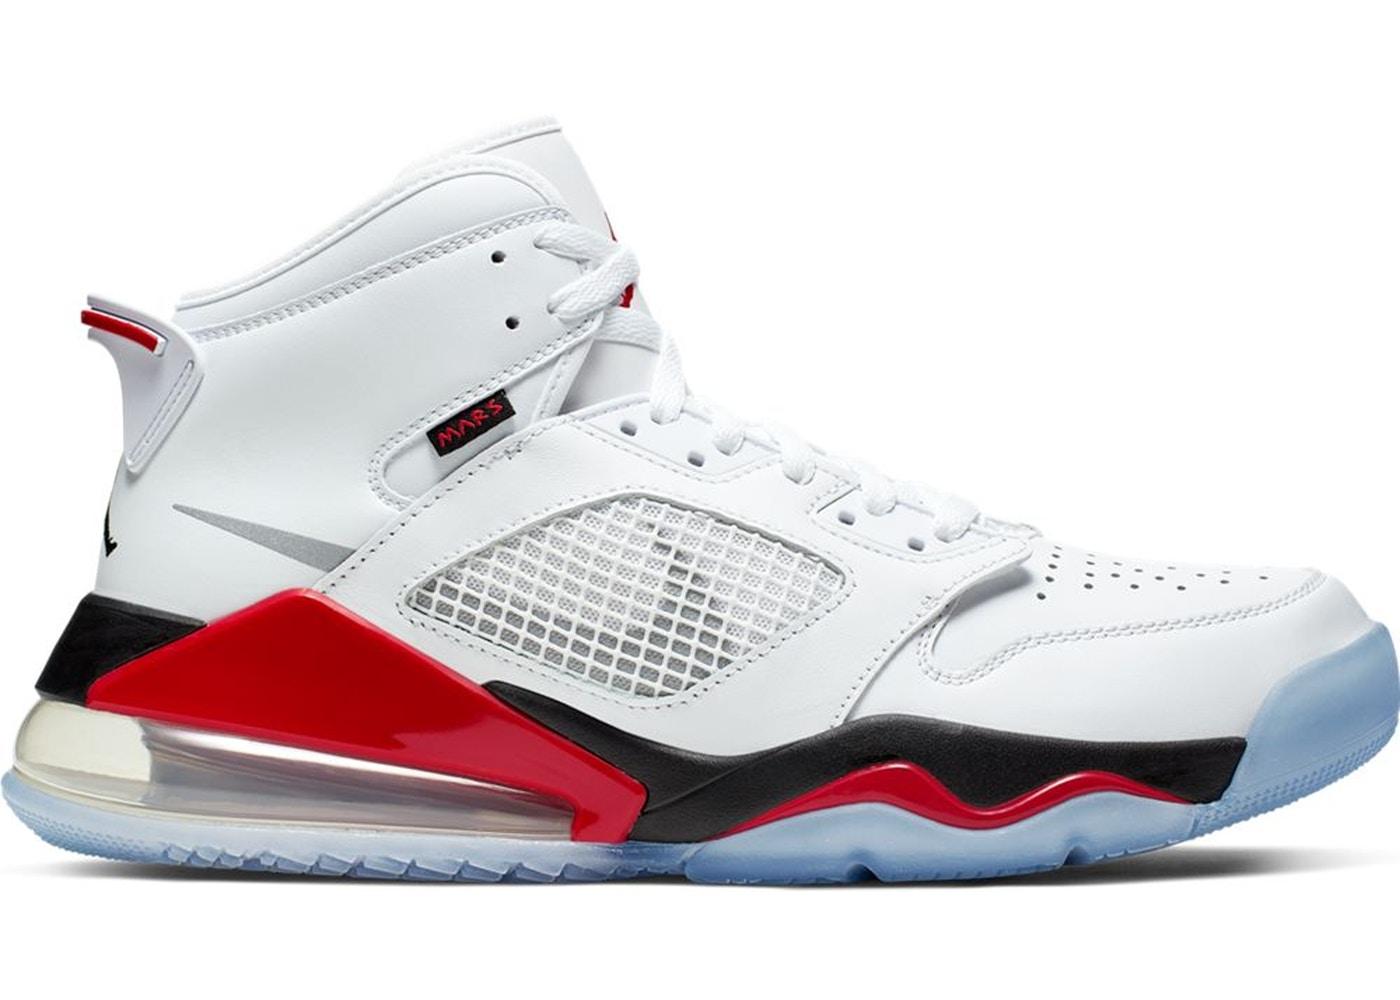 ジョーダン メンズ マーズ270 Jordan Mars 270 バッシュ White/Reflective Silver/Fire Red/Black